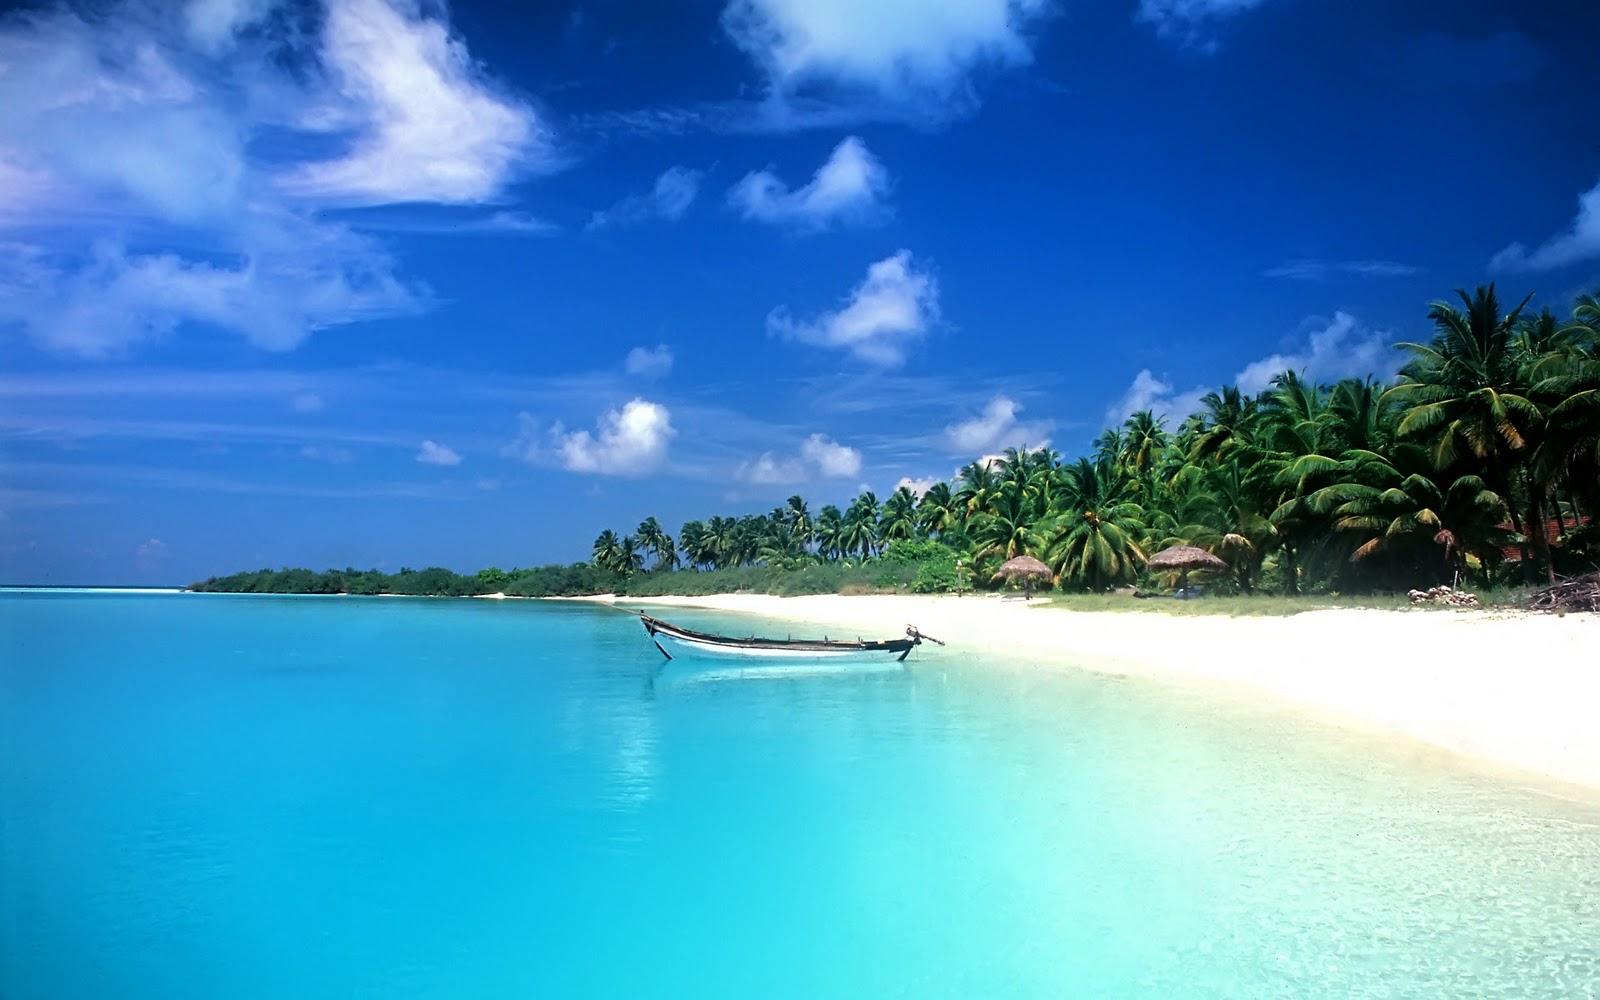 http://3.bp.blogspot.com/-y3IoXcYPQYo/UEN78NBlmxI/AAAAAAAAAsI/wMRqQNqlcp0/s1600/beach%252Bwallpapers%252Bhd%252B2.jpg